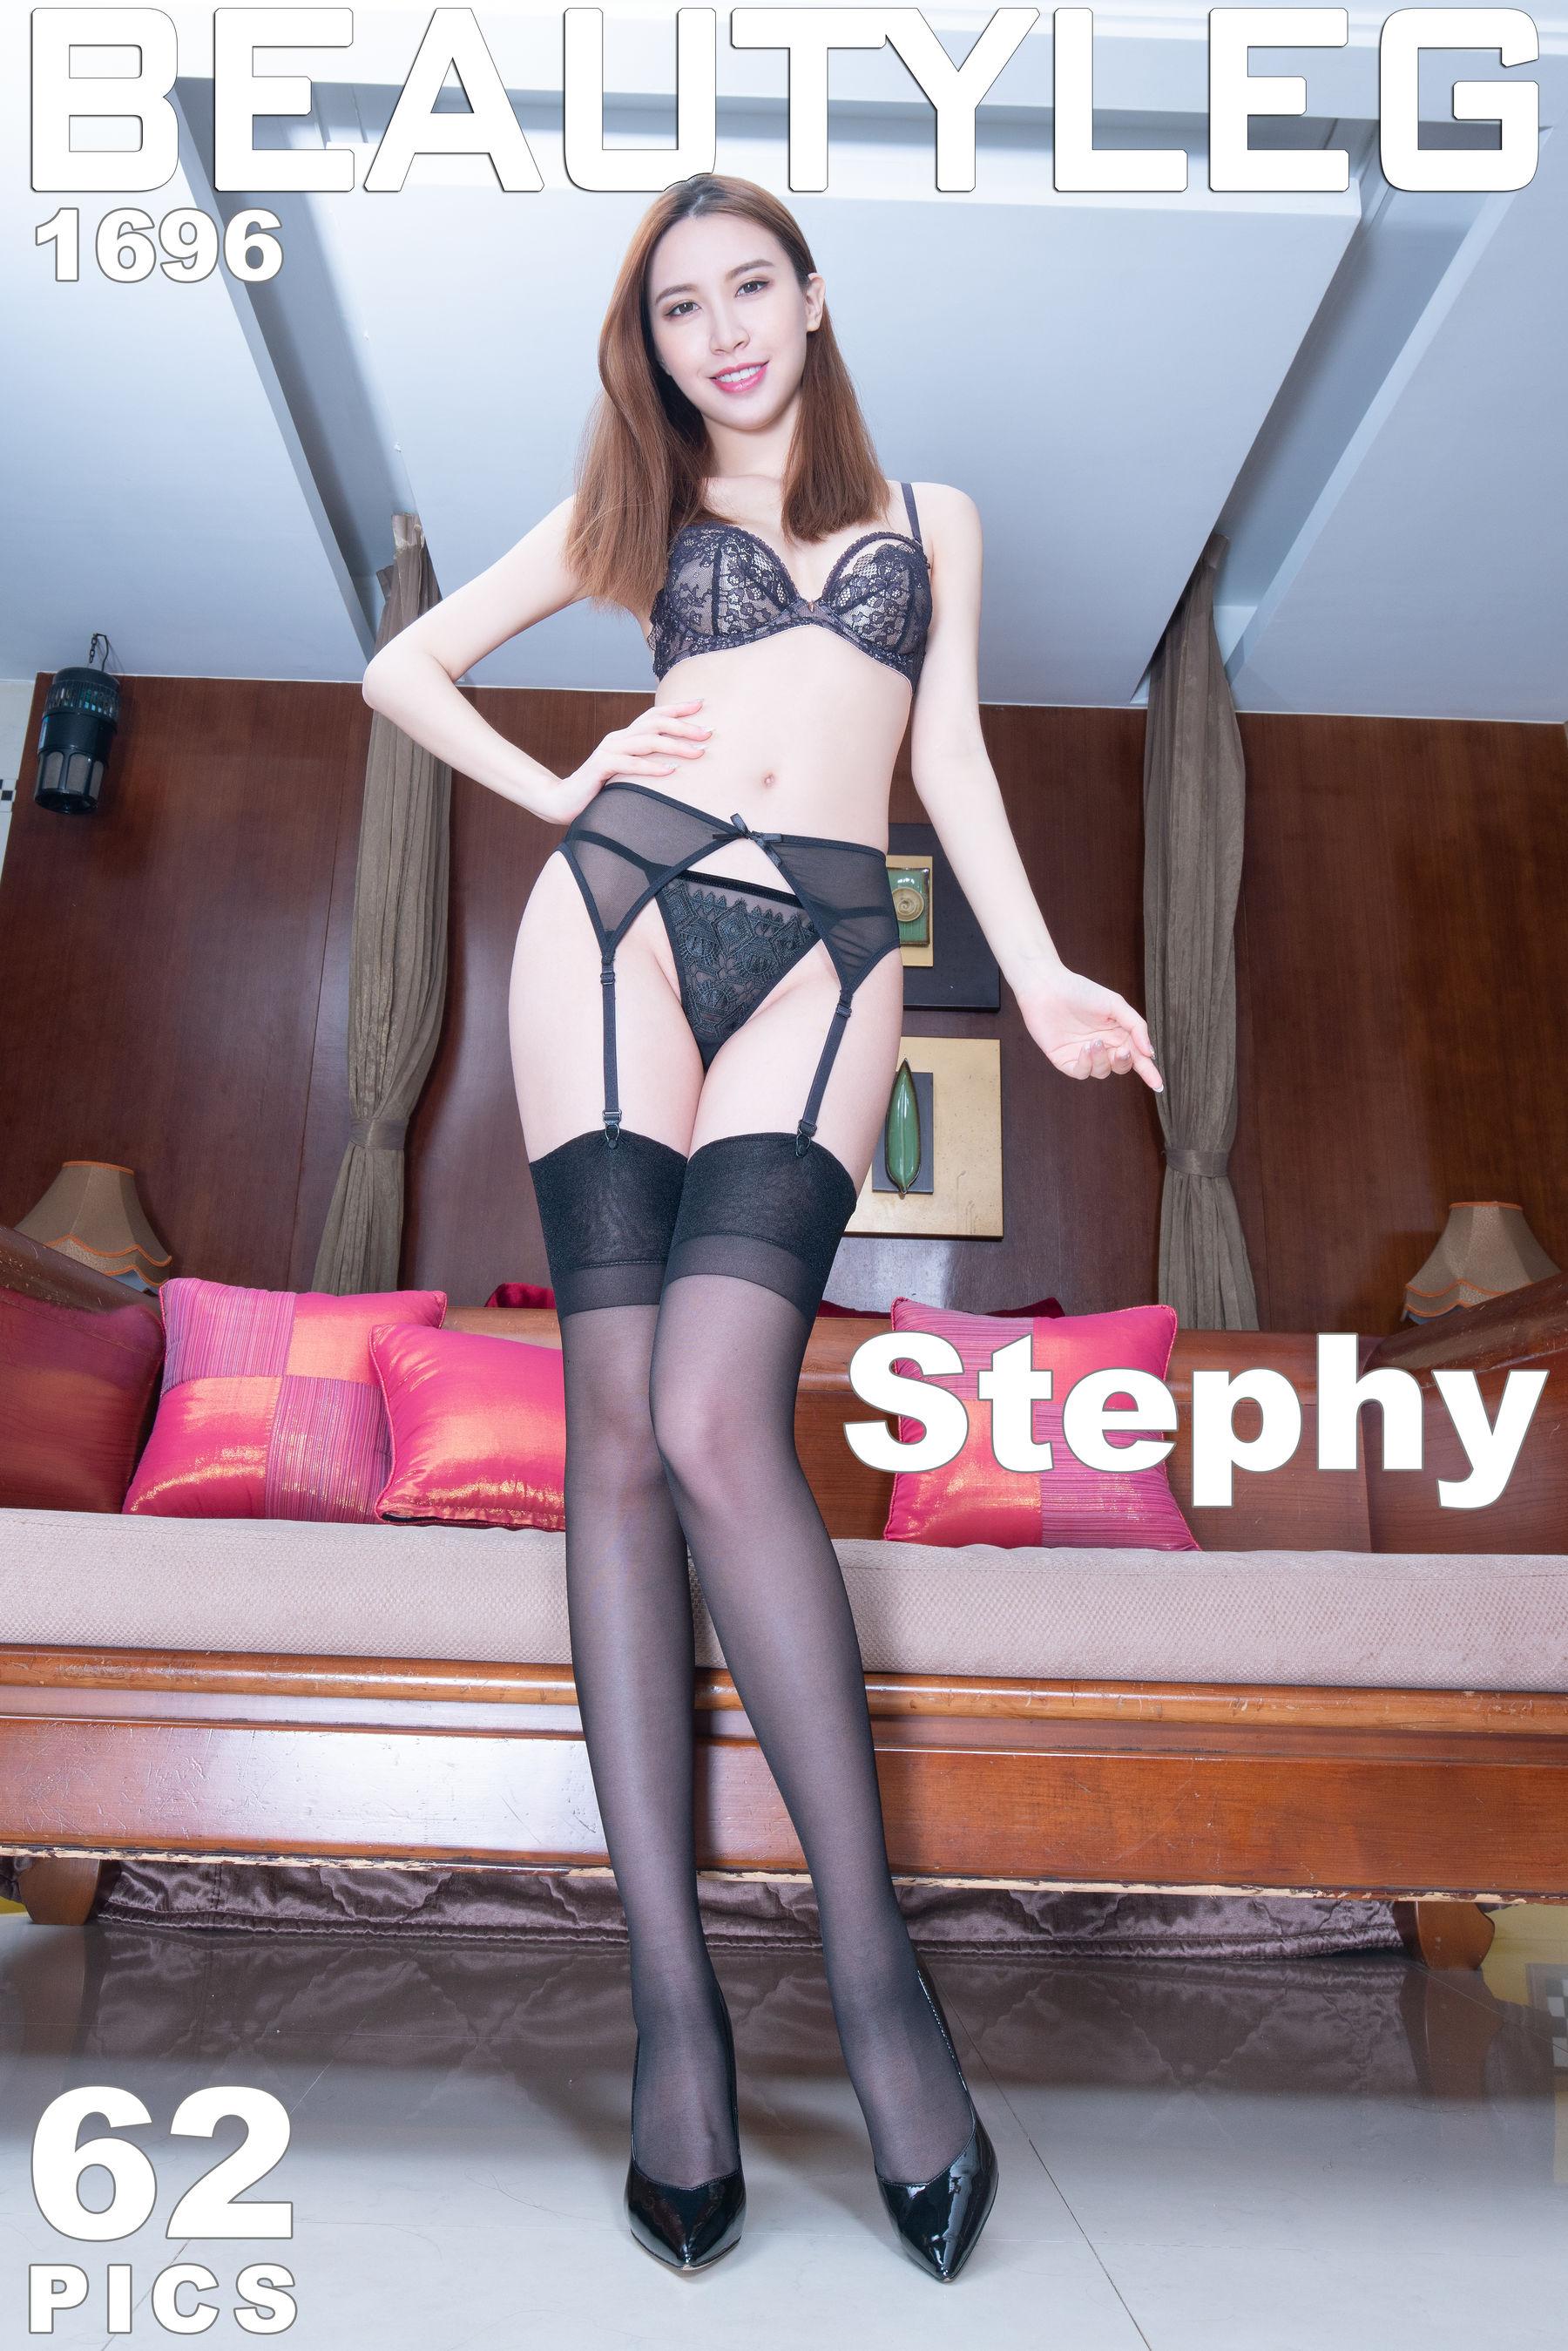 VOL.686 [Beautyleg]丝袜美腿高跟美腿:崔多朵(崔德蓉,腿模Stephy)超高清个人性感漂亮大图(54P)